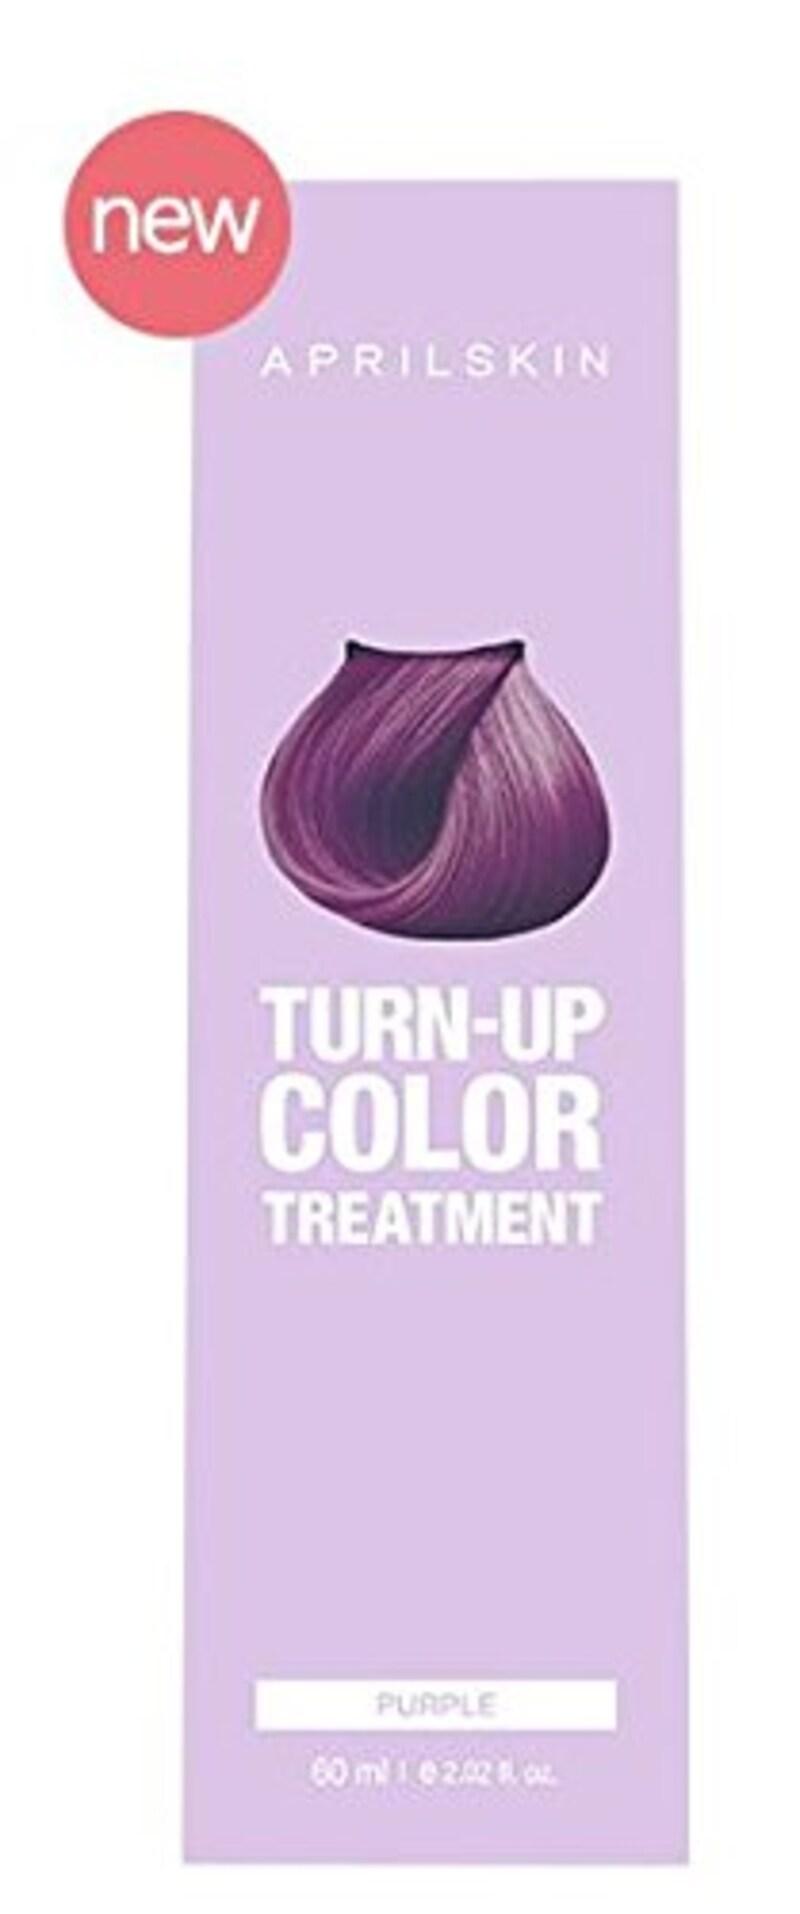 エイプリルスキン(APRILSKIN),ターン アップ カラー トリートメント 紫